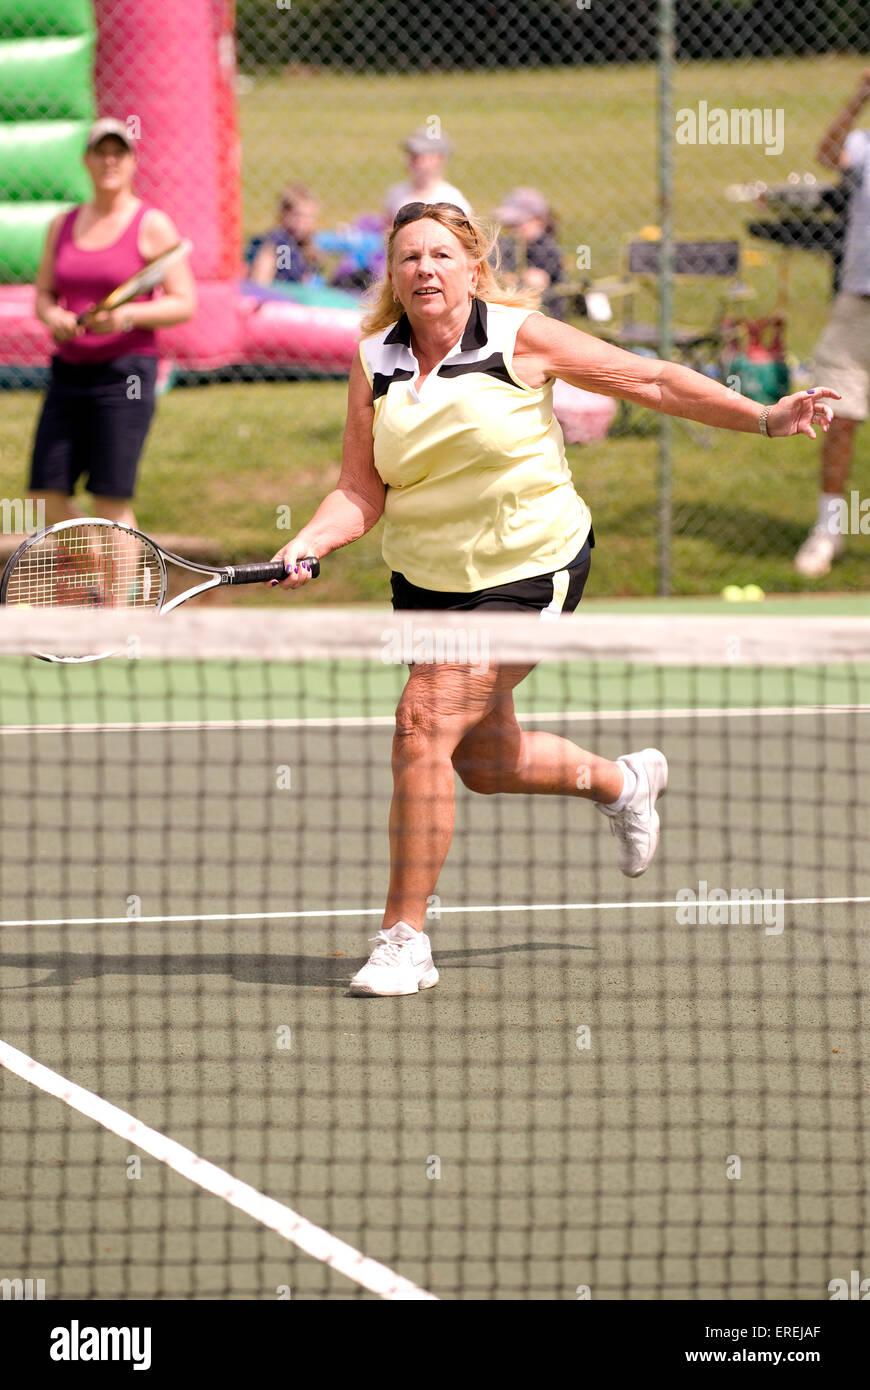 Anciana tomando parte en un evento de caridad de tenis, Headley, Hampshire, Reino Unido. Imagen De Stock